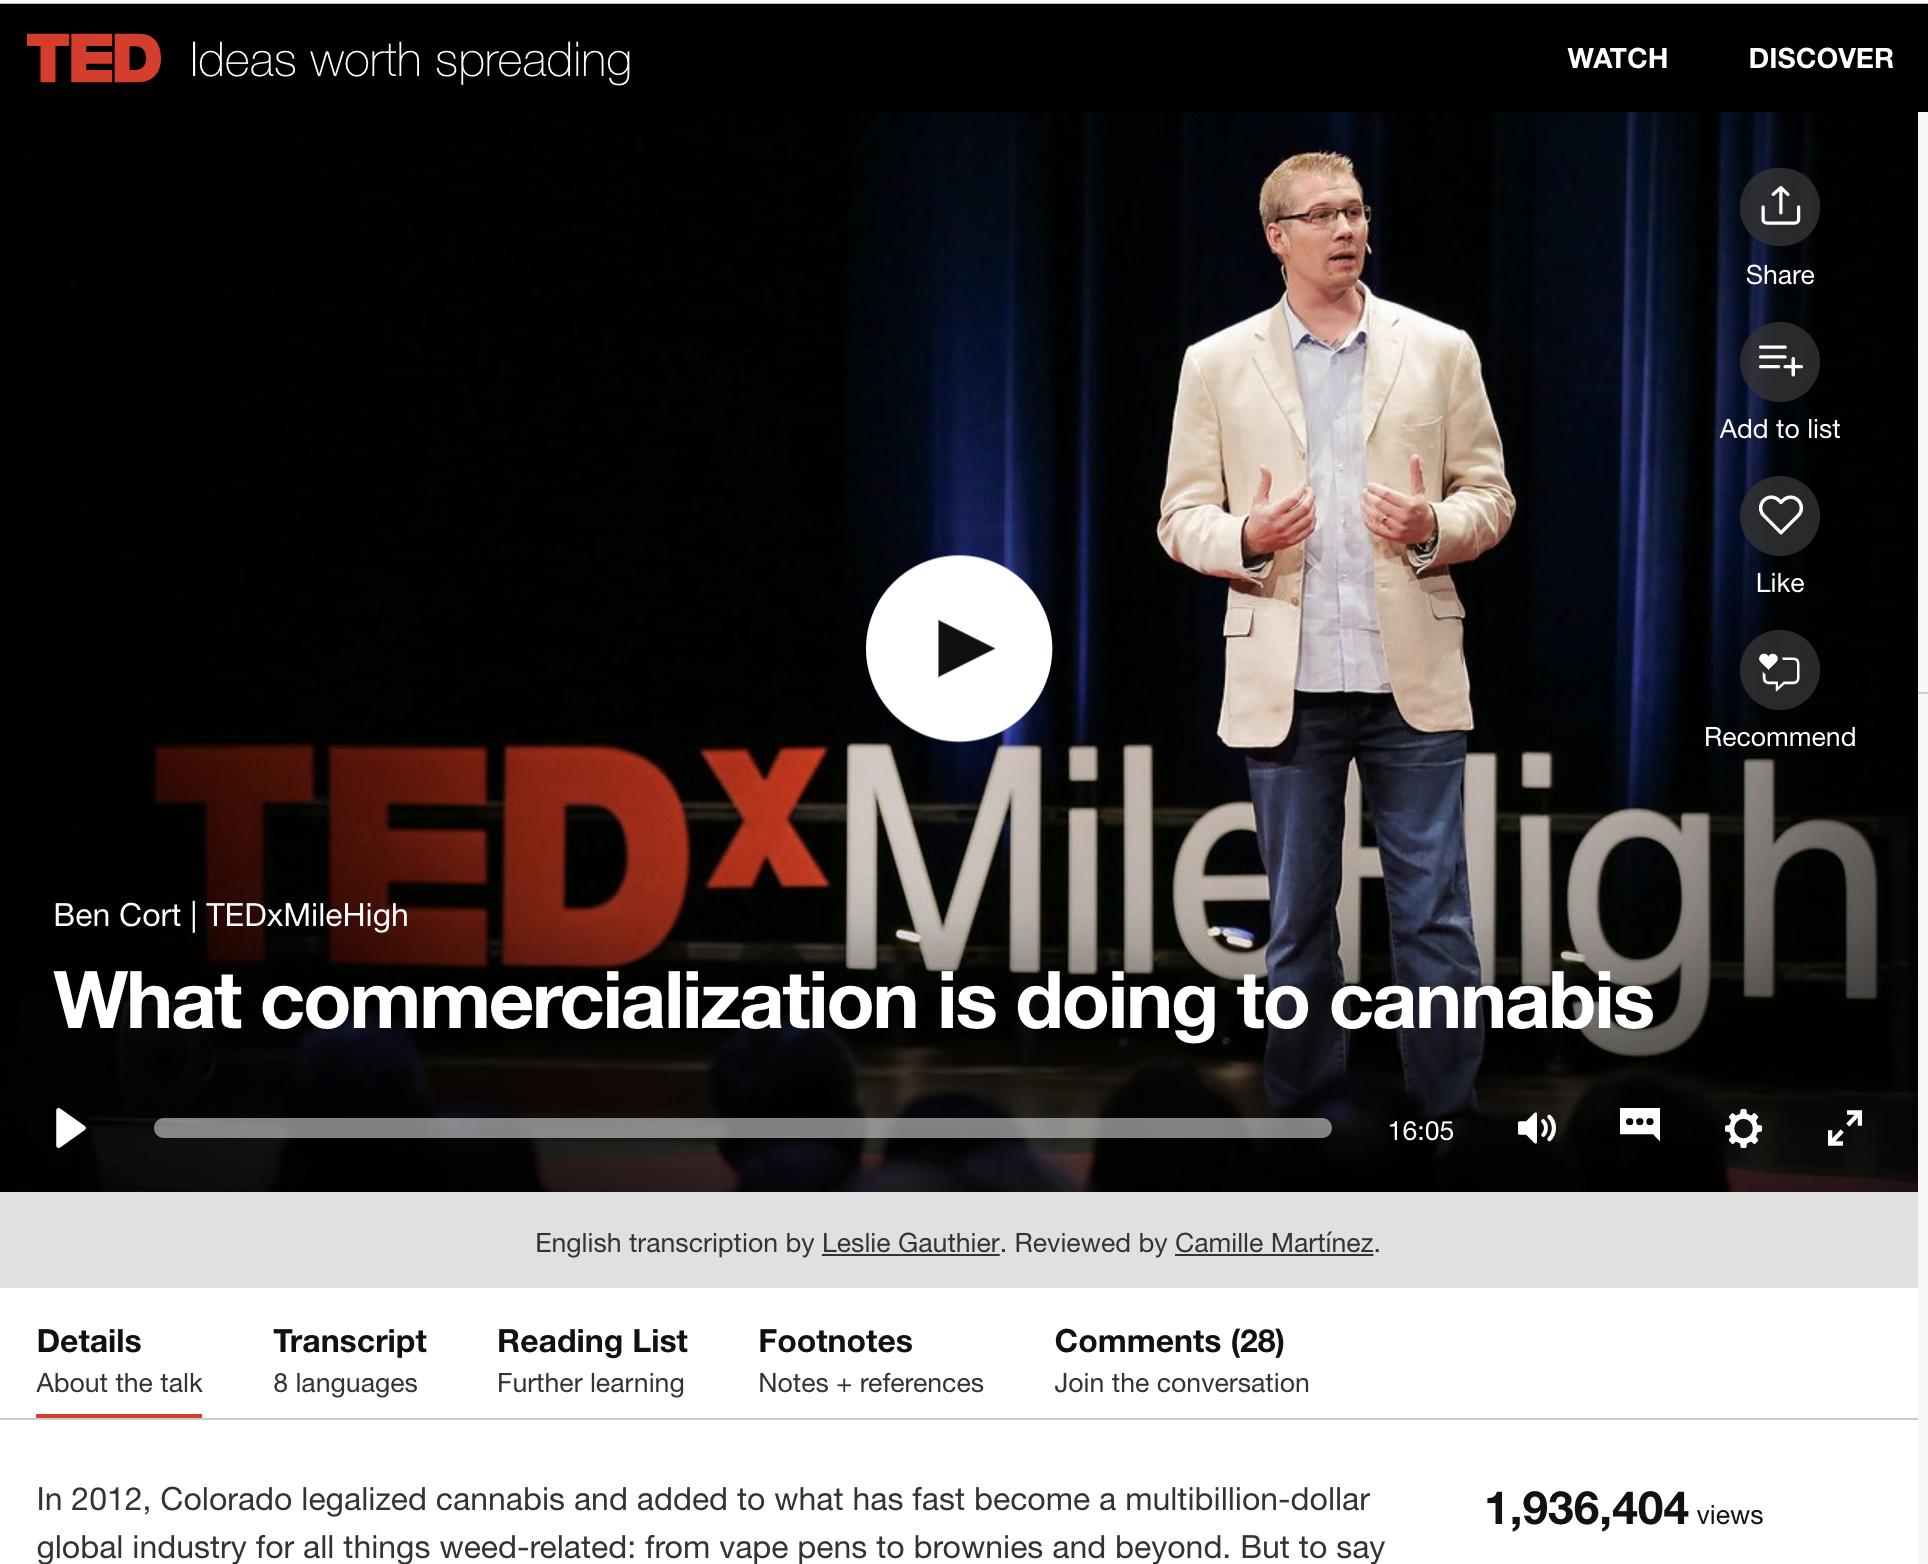 Ben Cort TEDx Talk